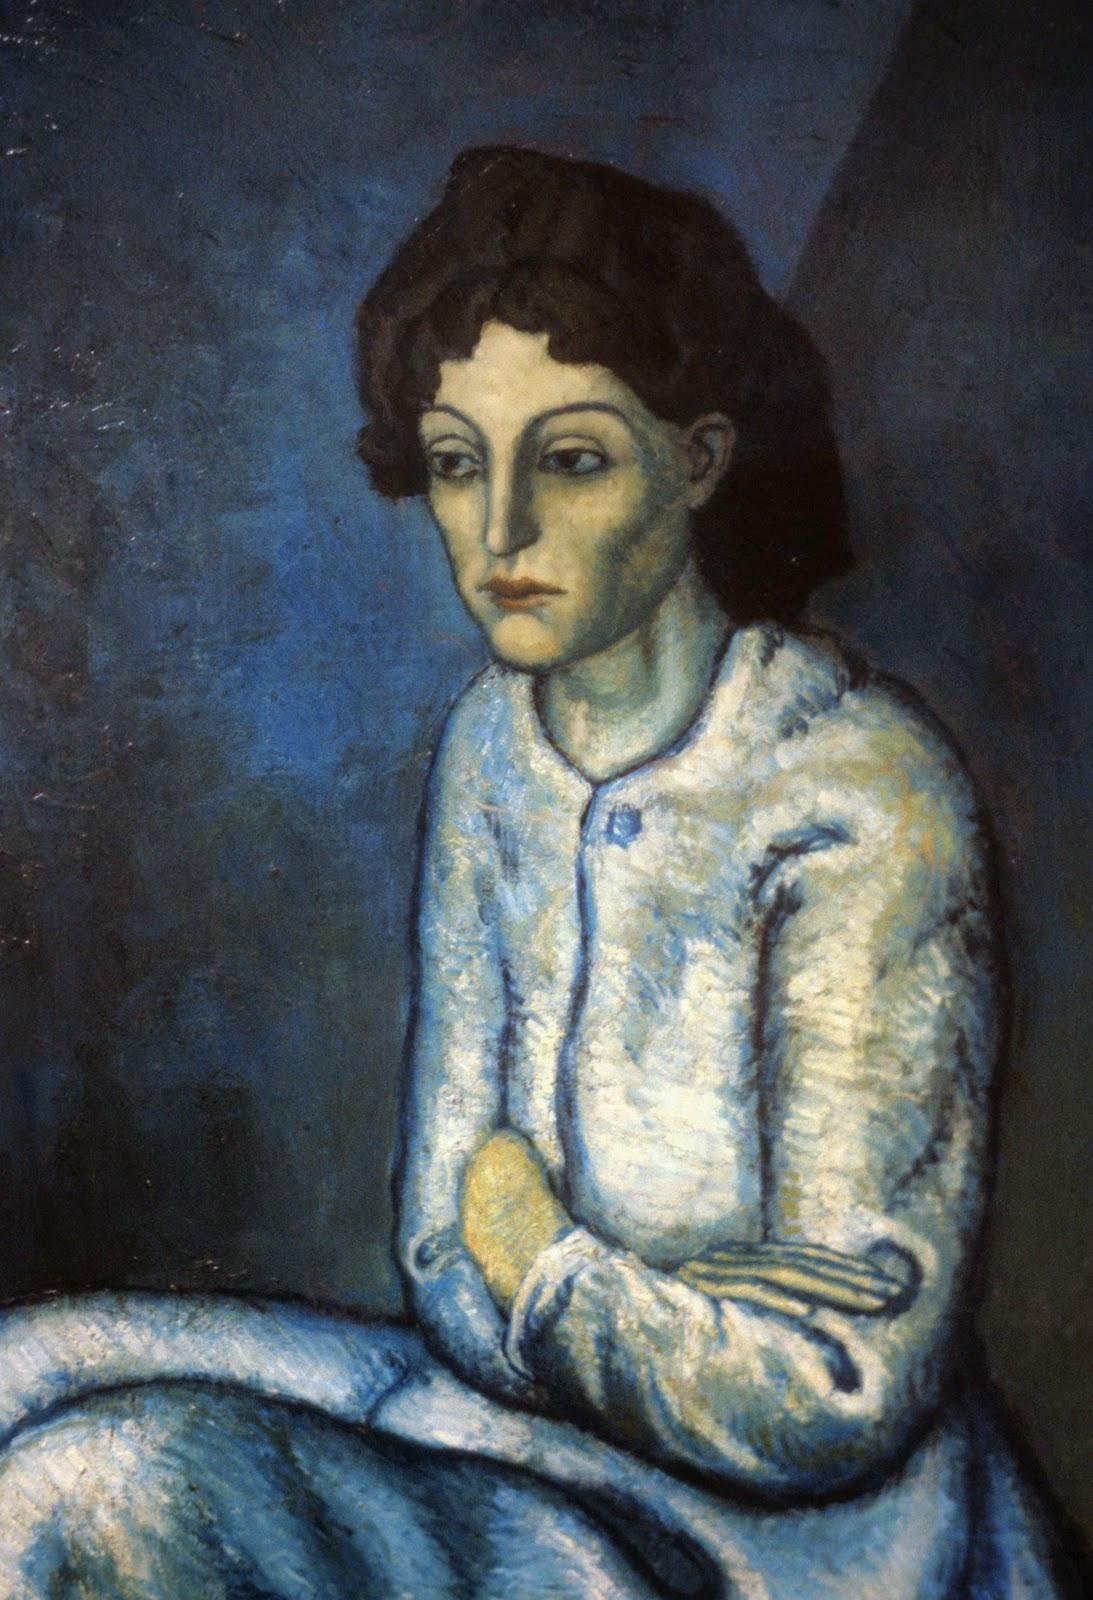 Mulher com Braços Cruzados - Picasso e suas pinturas ~ O maior expoente da Arte Moderna